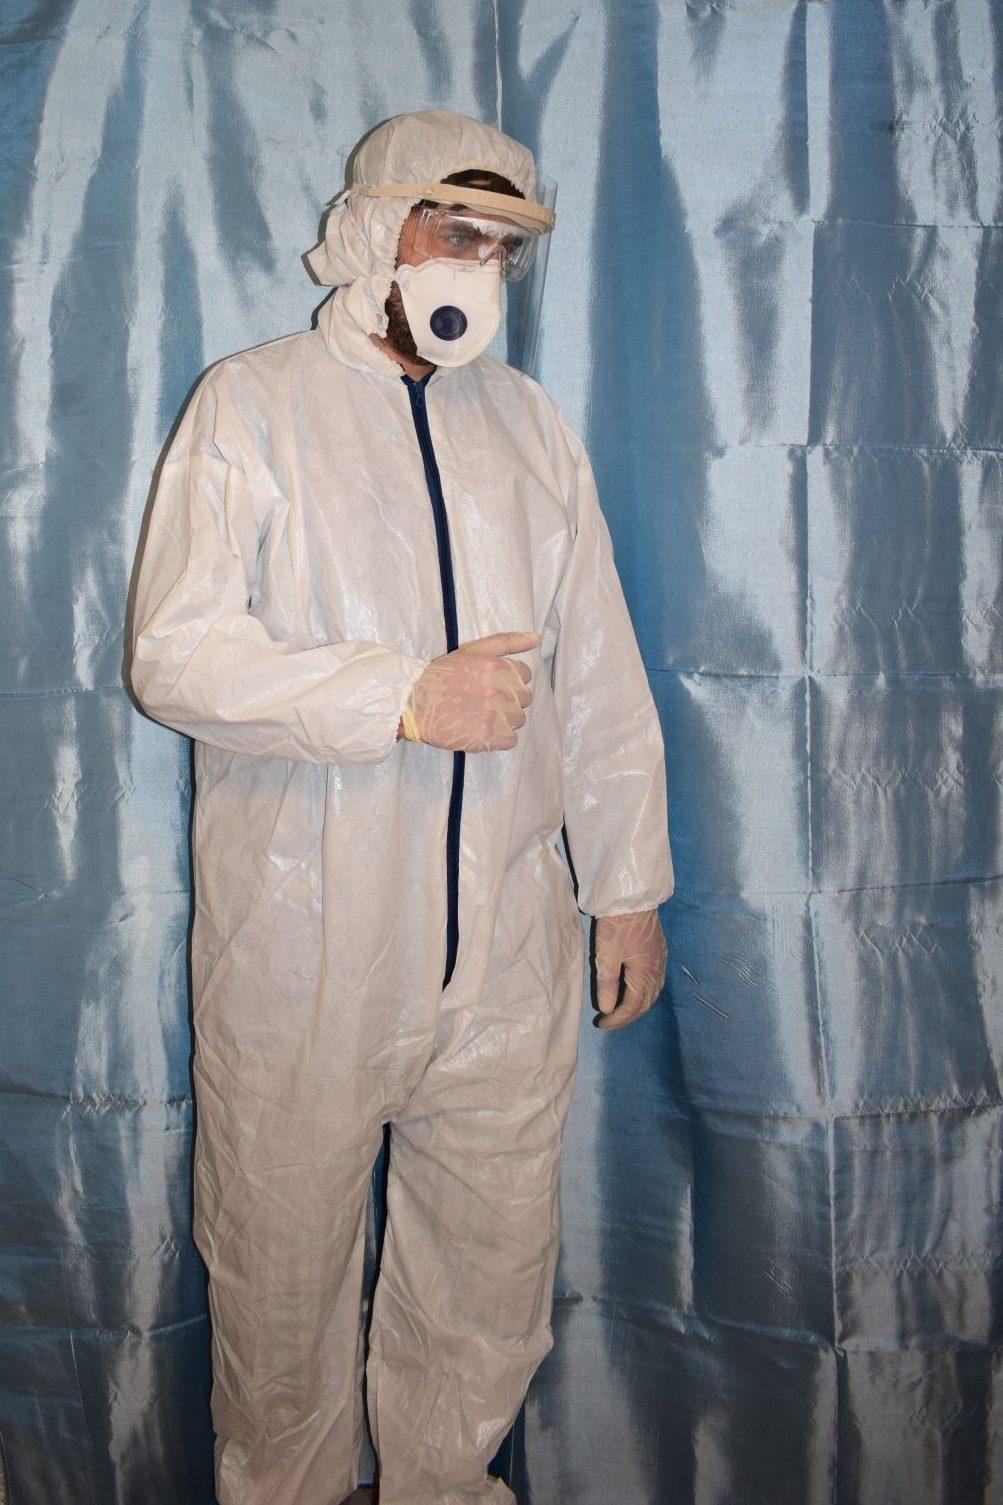 لباس ایزوله بیمارستانی